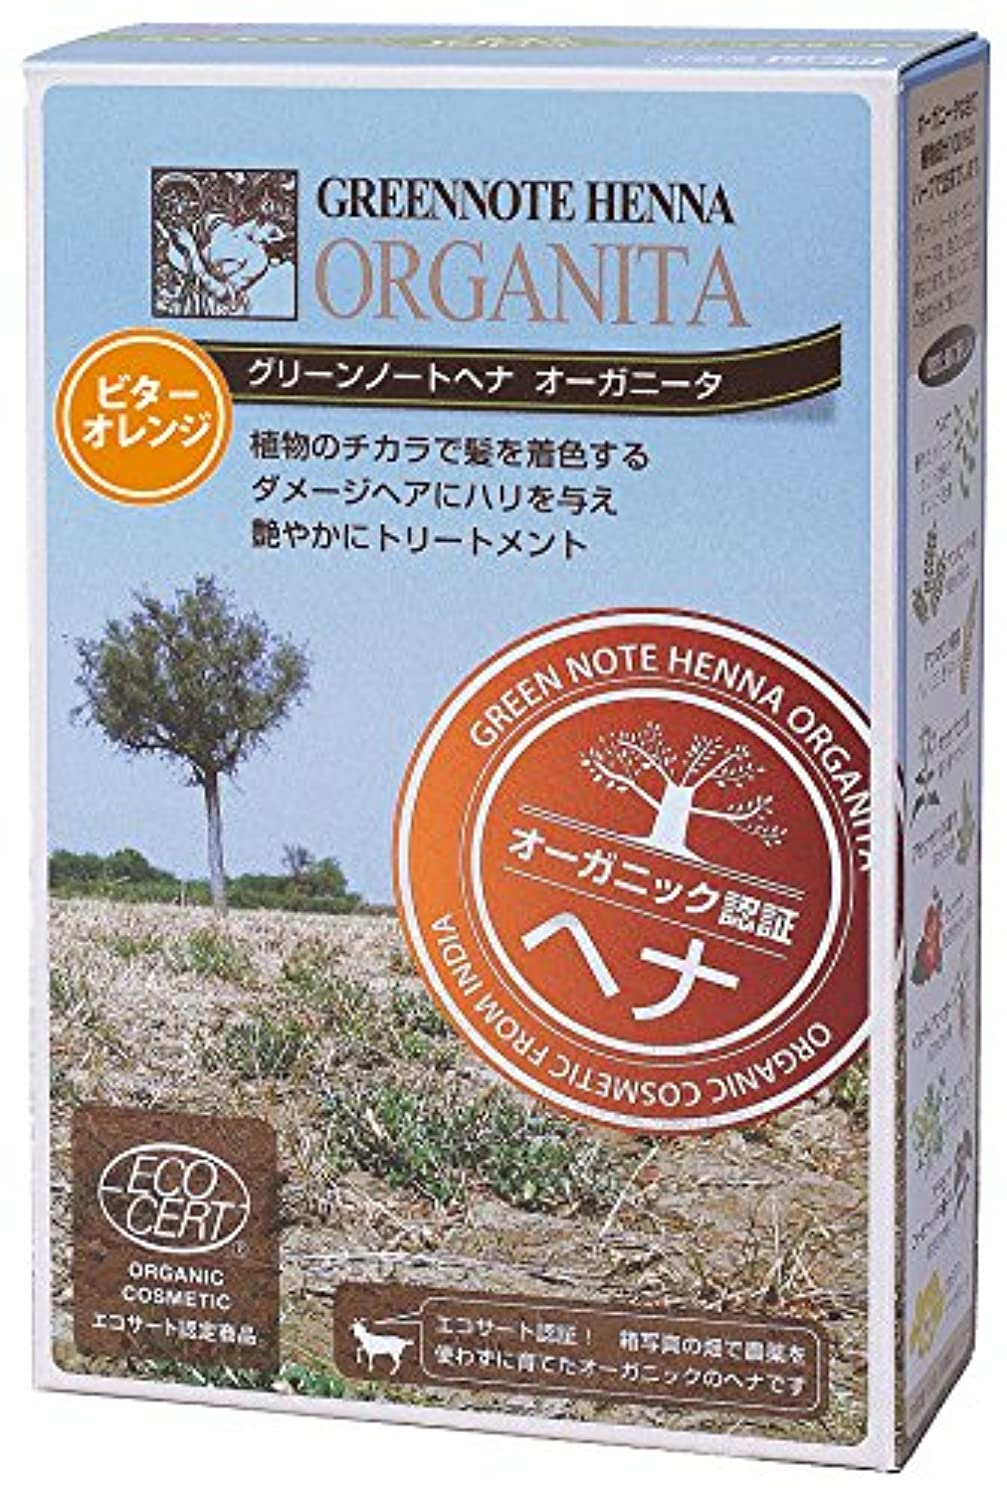 尋ねるロゴシエスタグリーンノートヘナ オーガニータ ビターオレンジ 100g